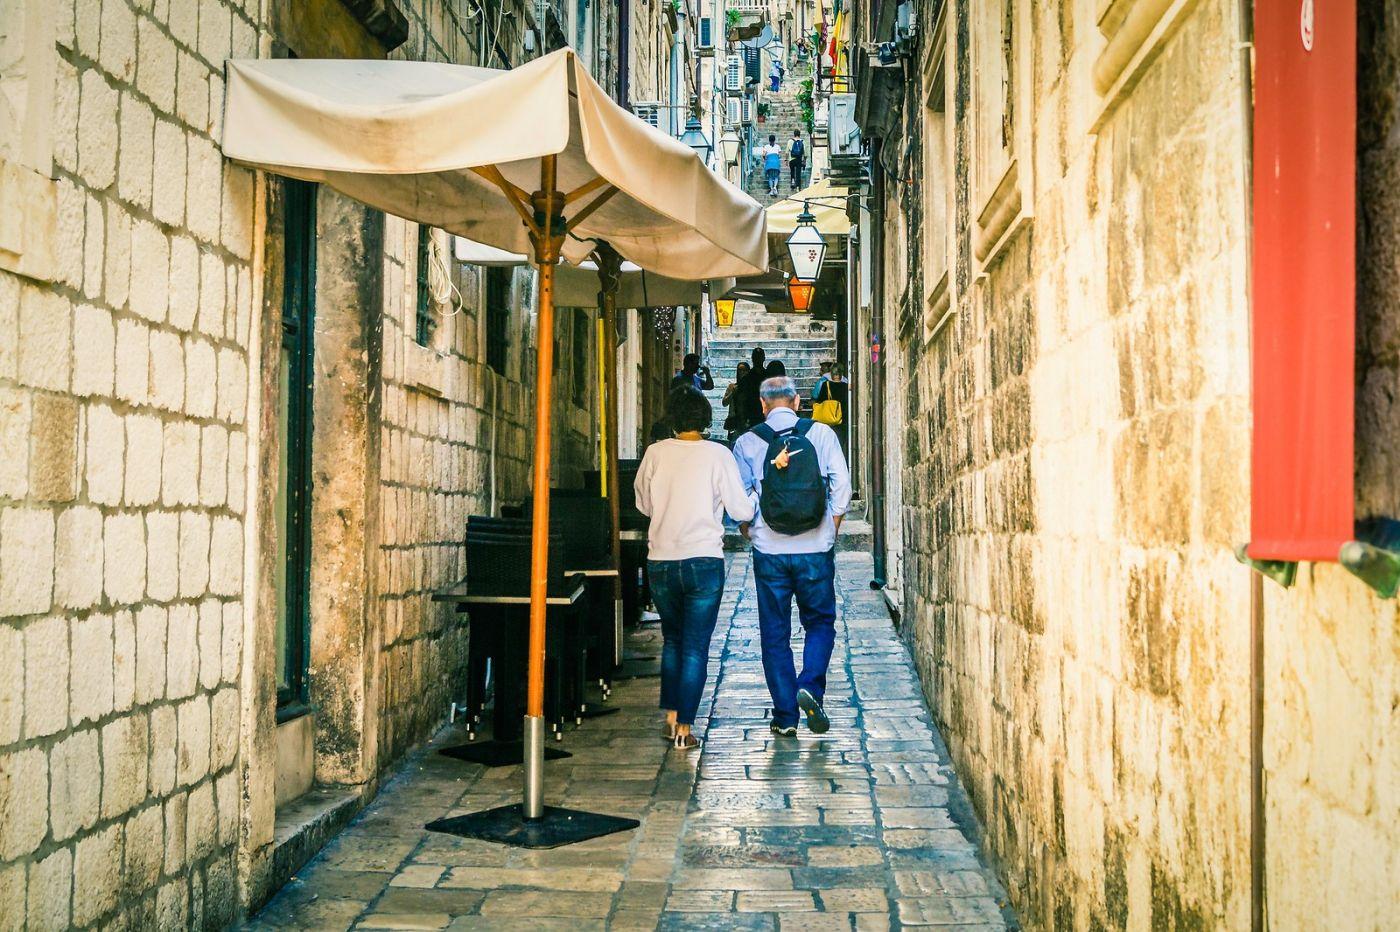 克罗地亚杜布罗夫尼克(Dubrovnik),古城小巷_图1-18